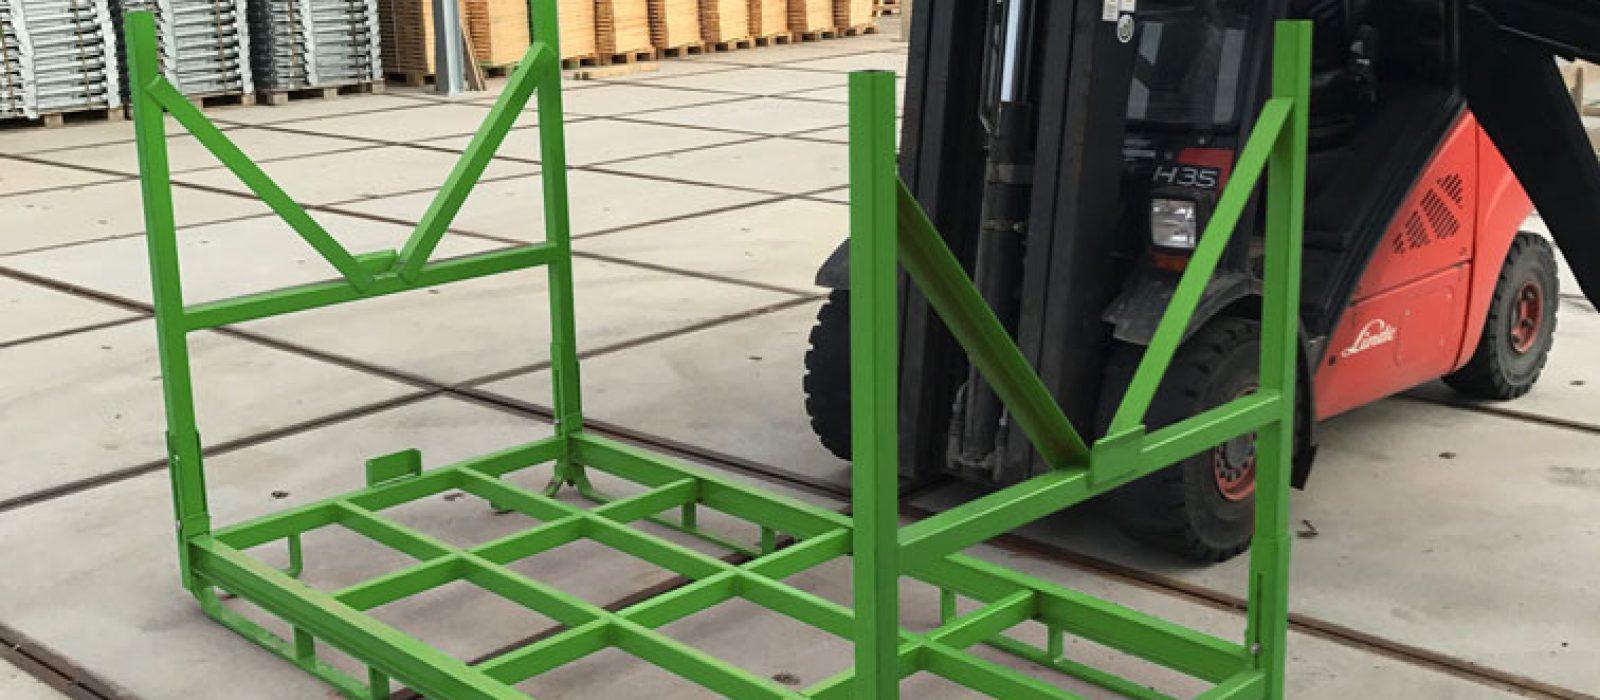 Transportgestell-für-Rollen-(1)